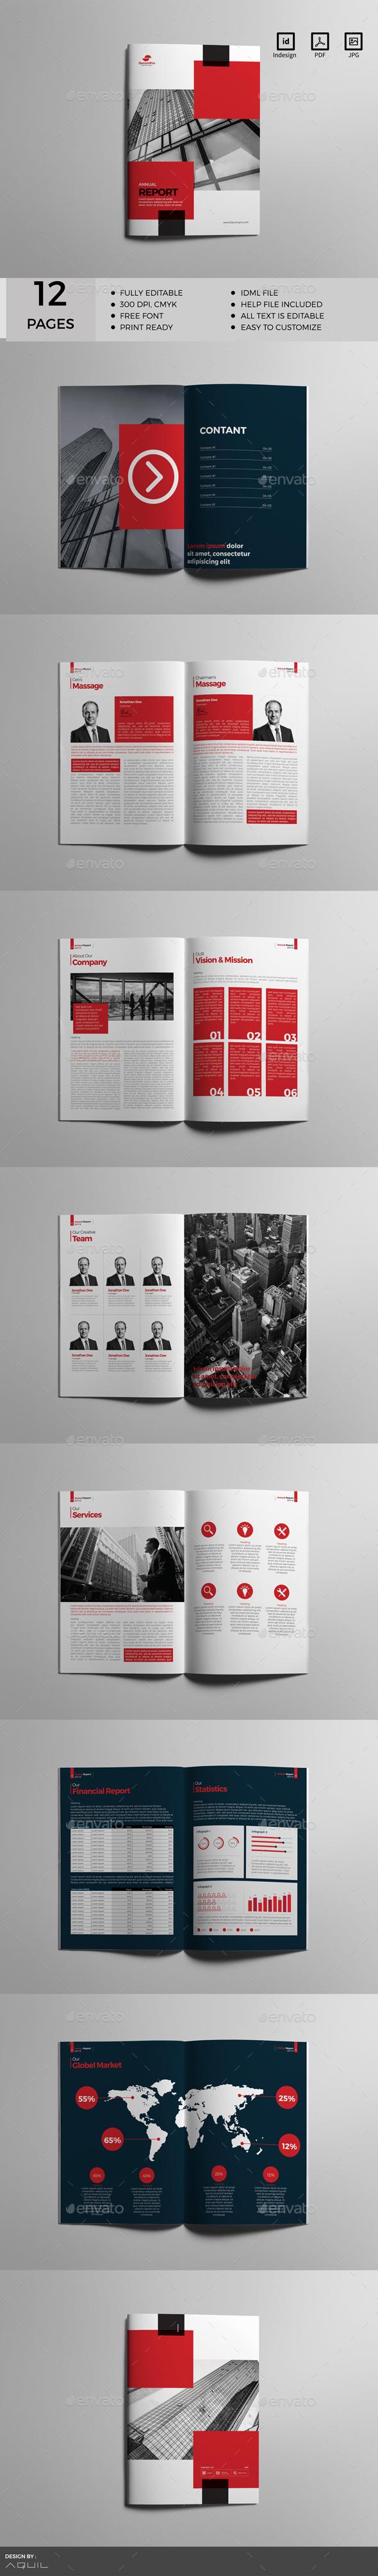 GraphicRiver Annual Report Vol 3 20567129